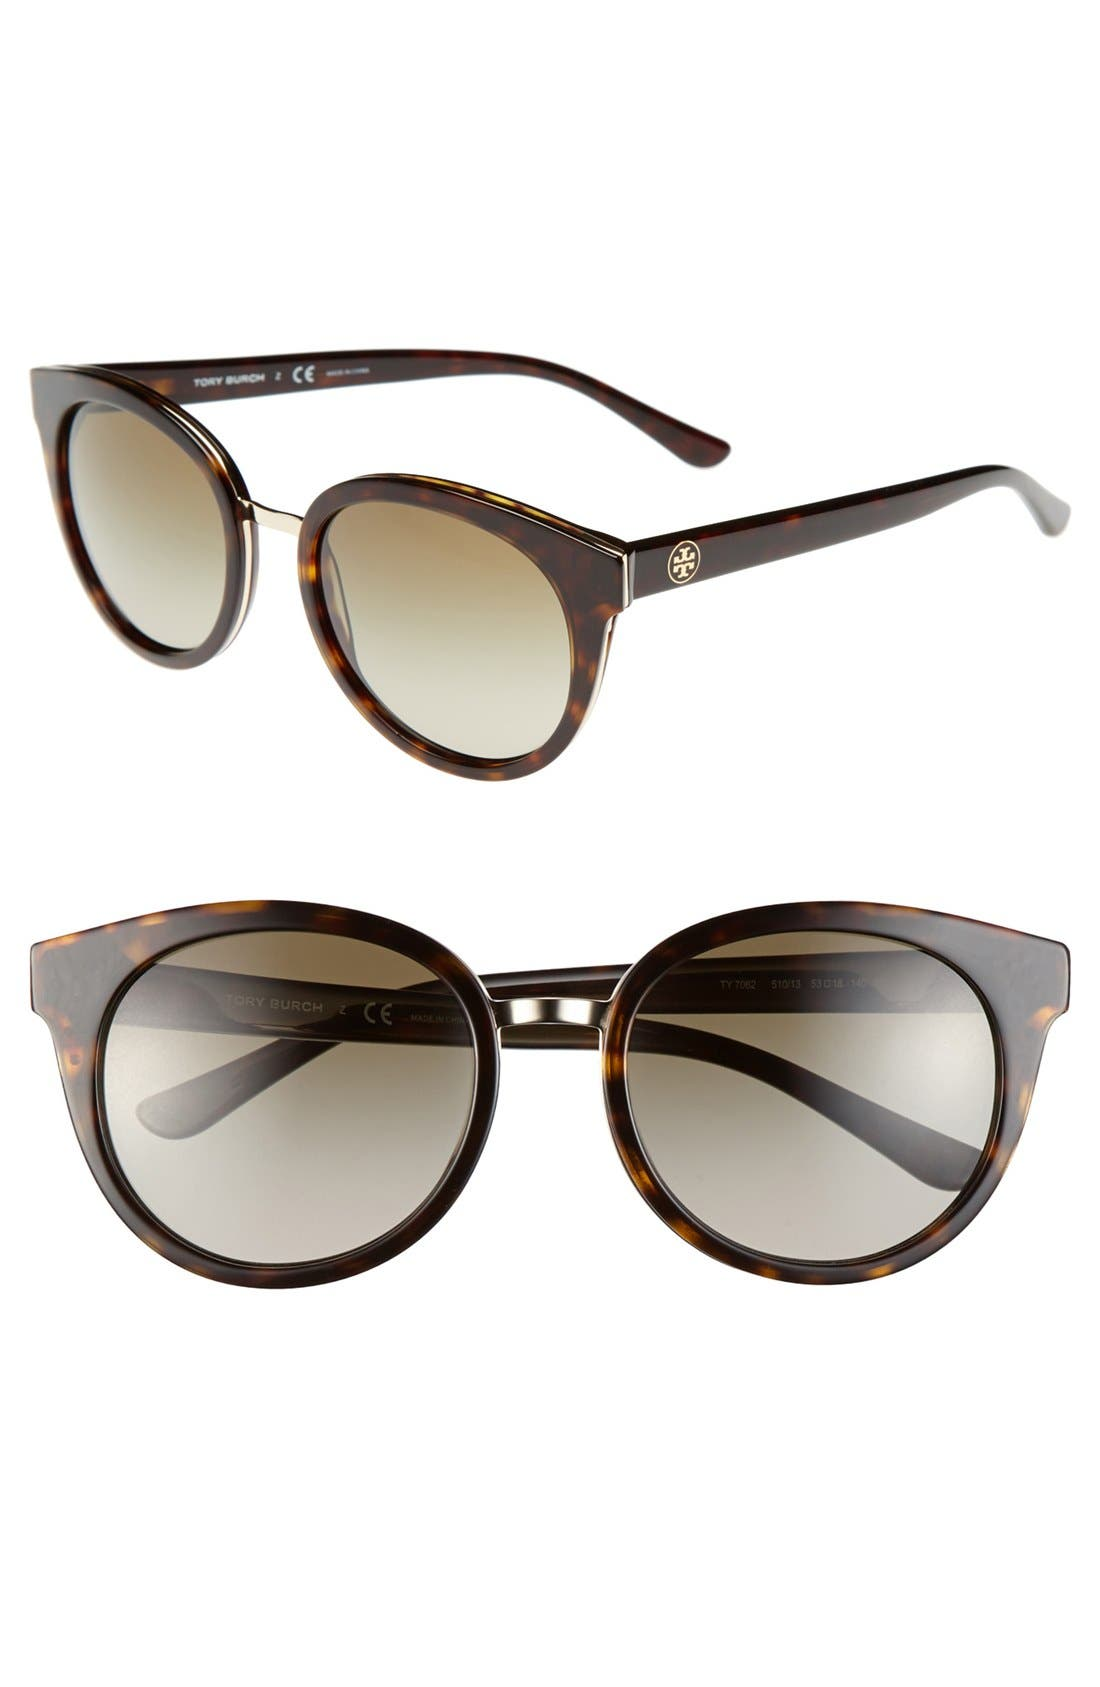 Tory Burch 'Phantos' 53mm Retro Sunglasses